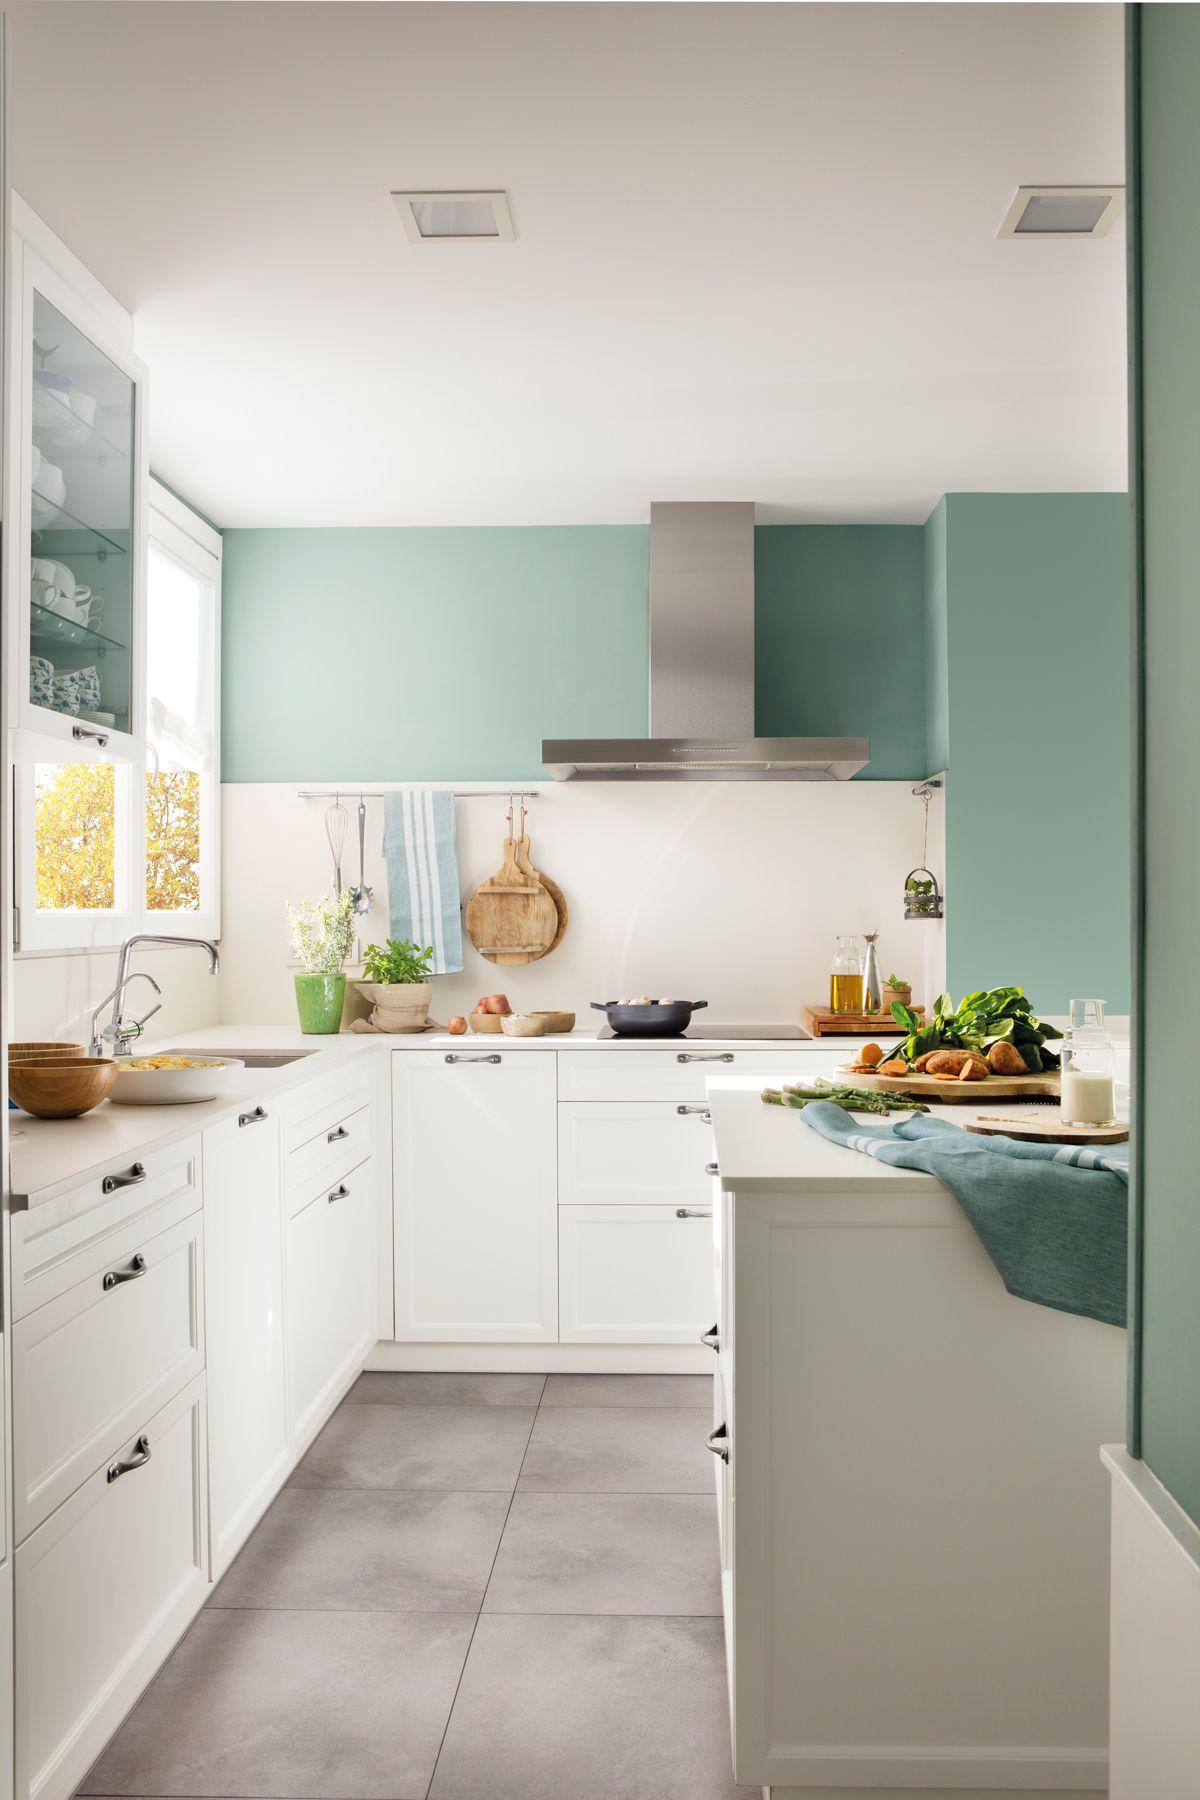 Tienes un mueble antiguo en 2019 cocina colores - Pintura para azulejos de cocina ...